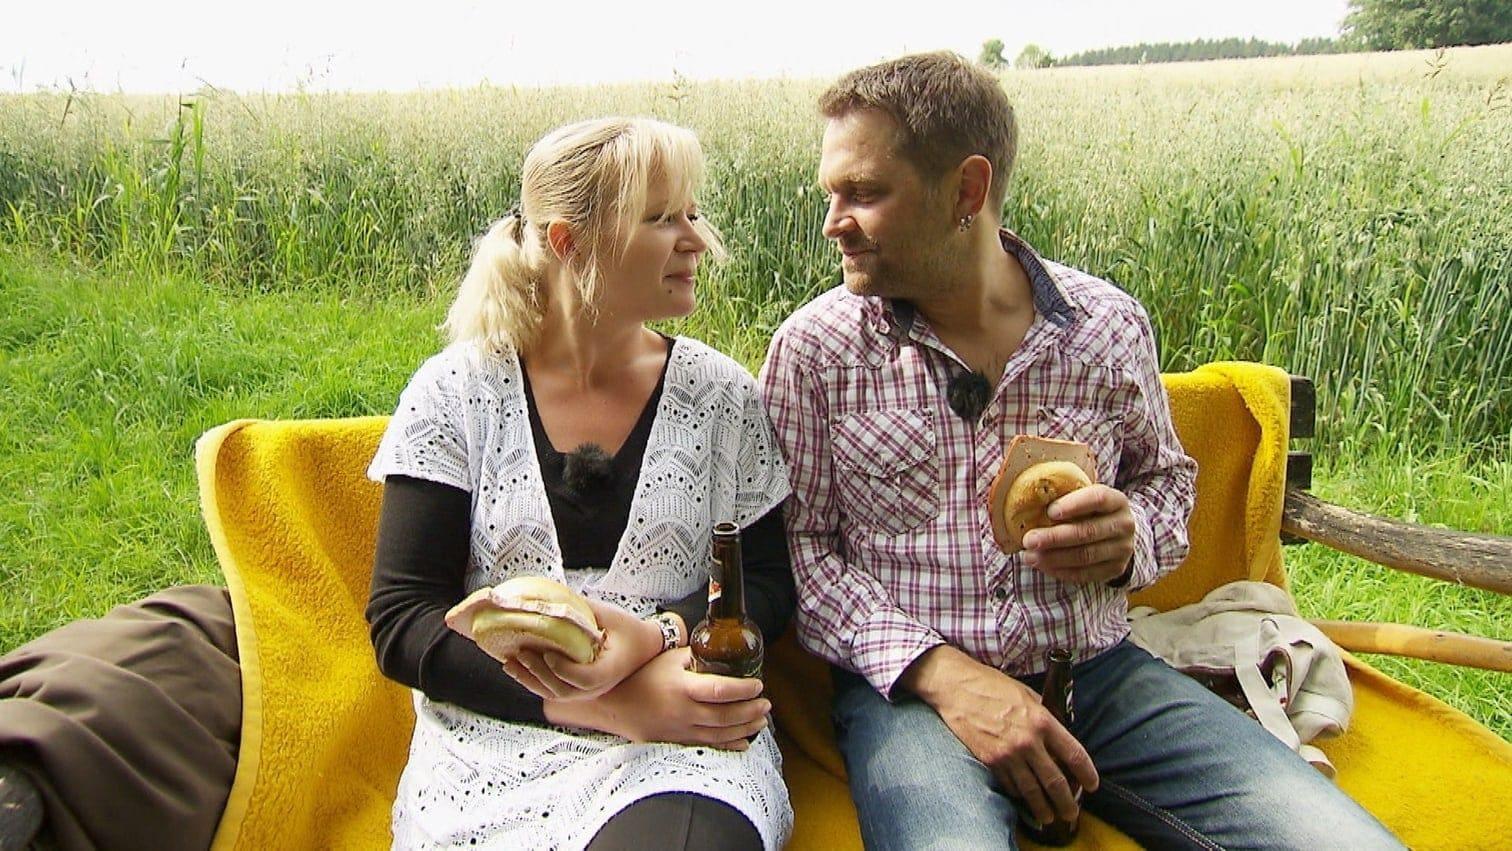 <p>Bei Leberkäs-Semmeln und Bier gestehen sich die beiden ihre Liebe und planen eine gemeinsame Zukunft.</p> Foto: MG RTL D